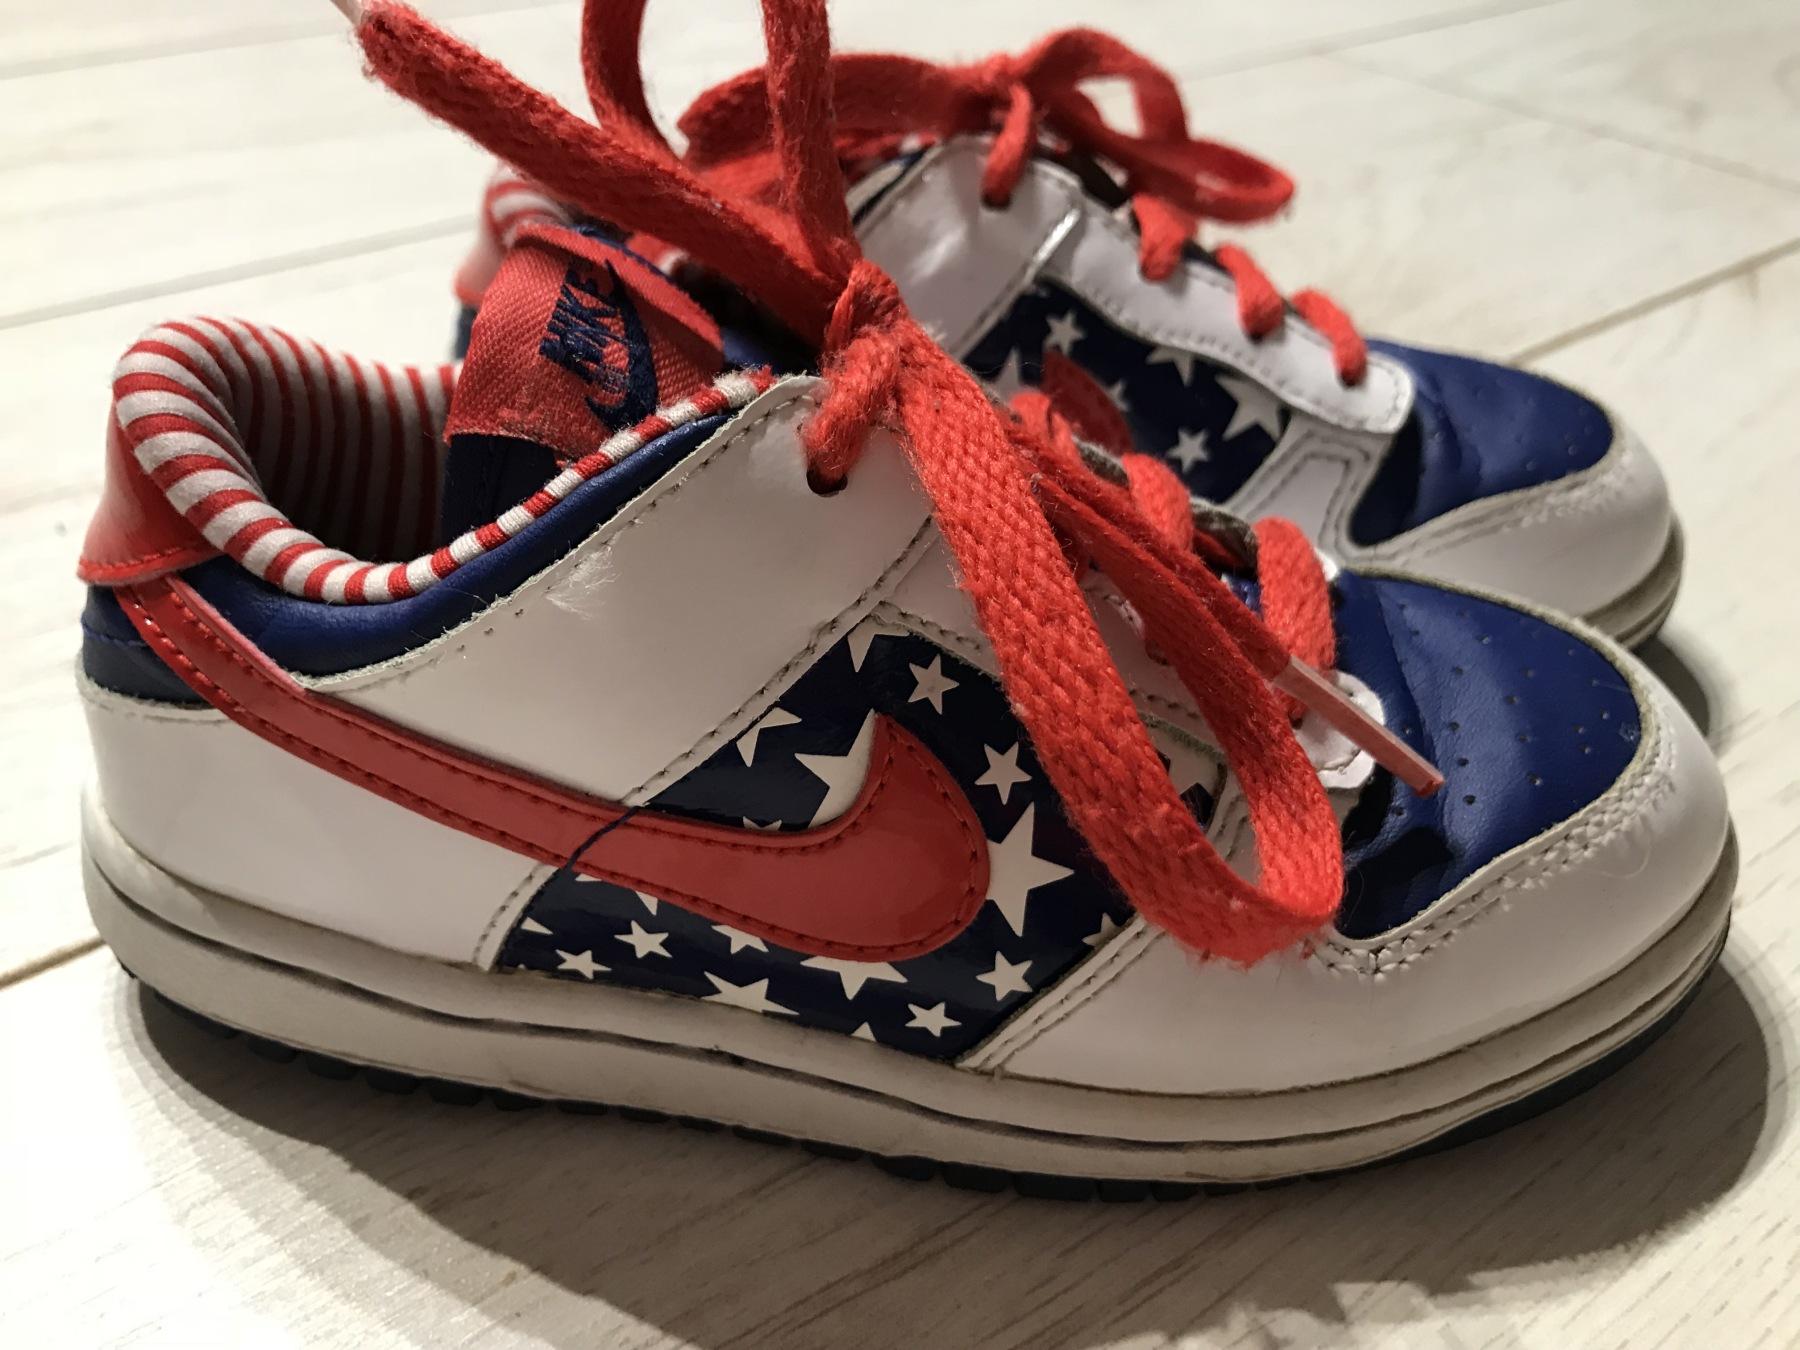 7583df66257839 Gwiazdy Trampki Białe 18cm Nike Chłopiec 27 Adidas 7282085205 OZvqxFw47n